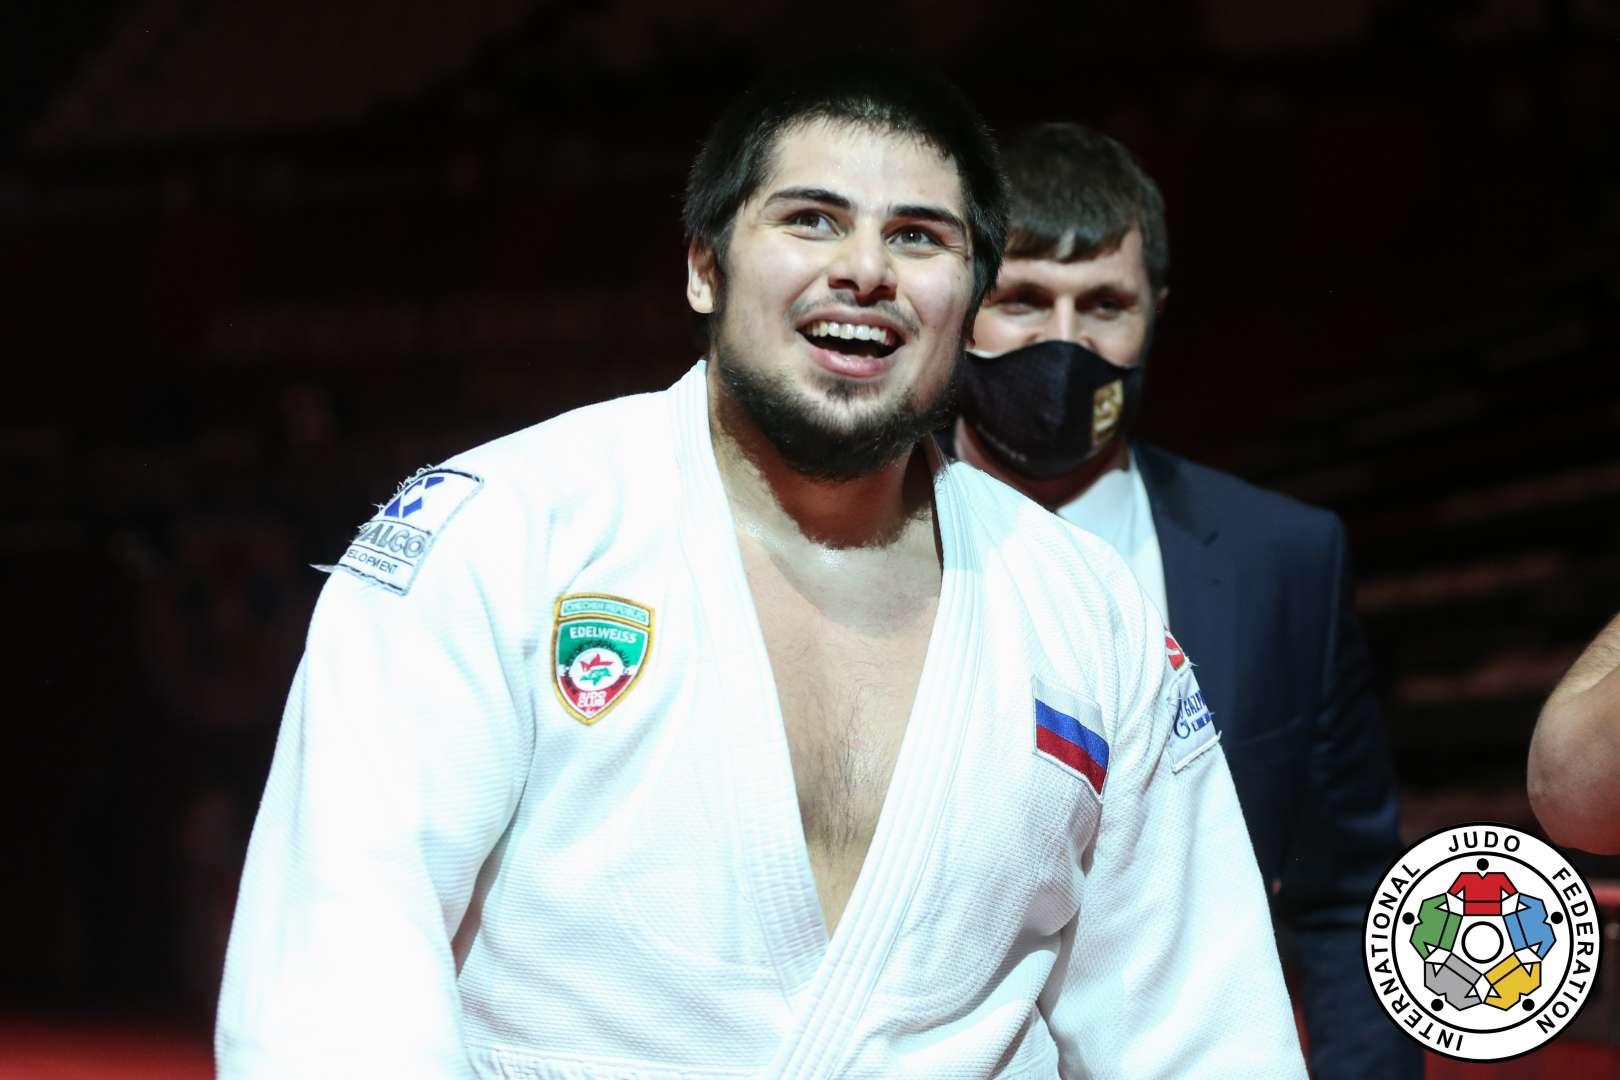 416_20210403_antalya_gs_ijf_edf_100_kg_final_rus_bashaev_vs_jpn_harasawa